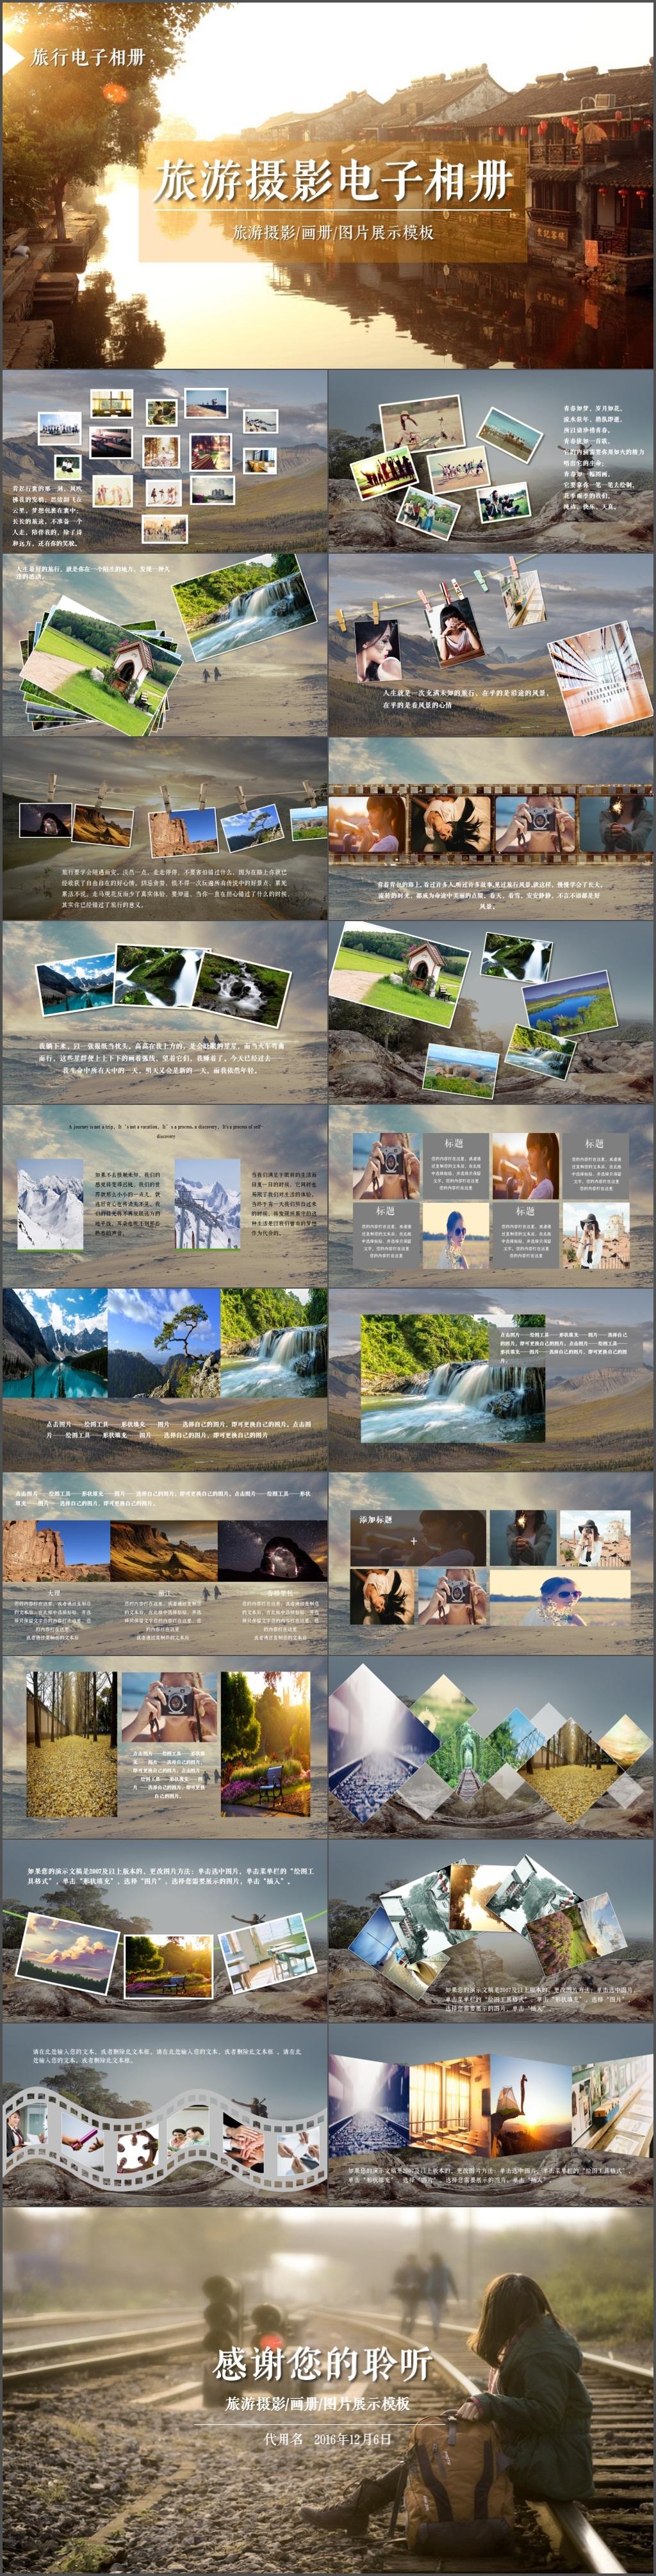 大气精美旅游摄影图片展示电子相册PPT模板(78)